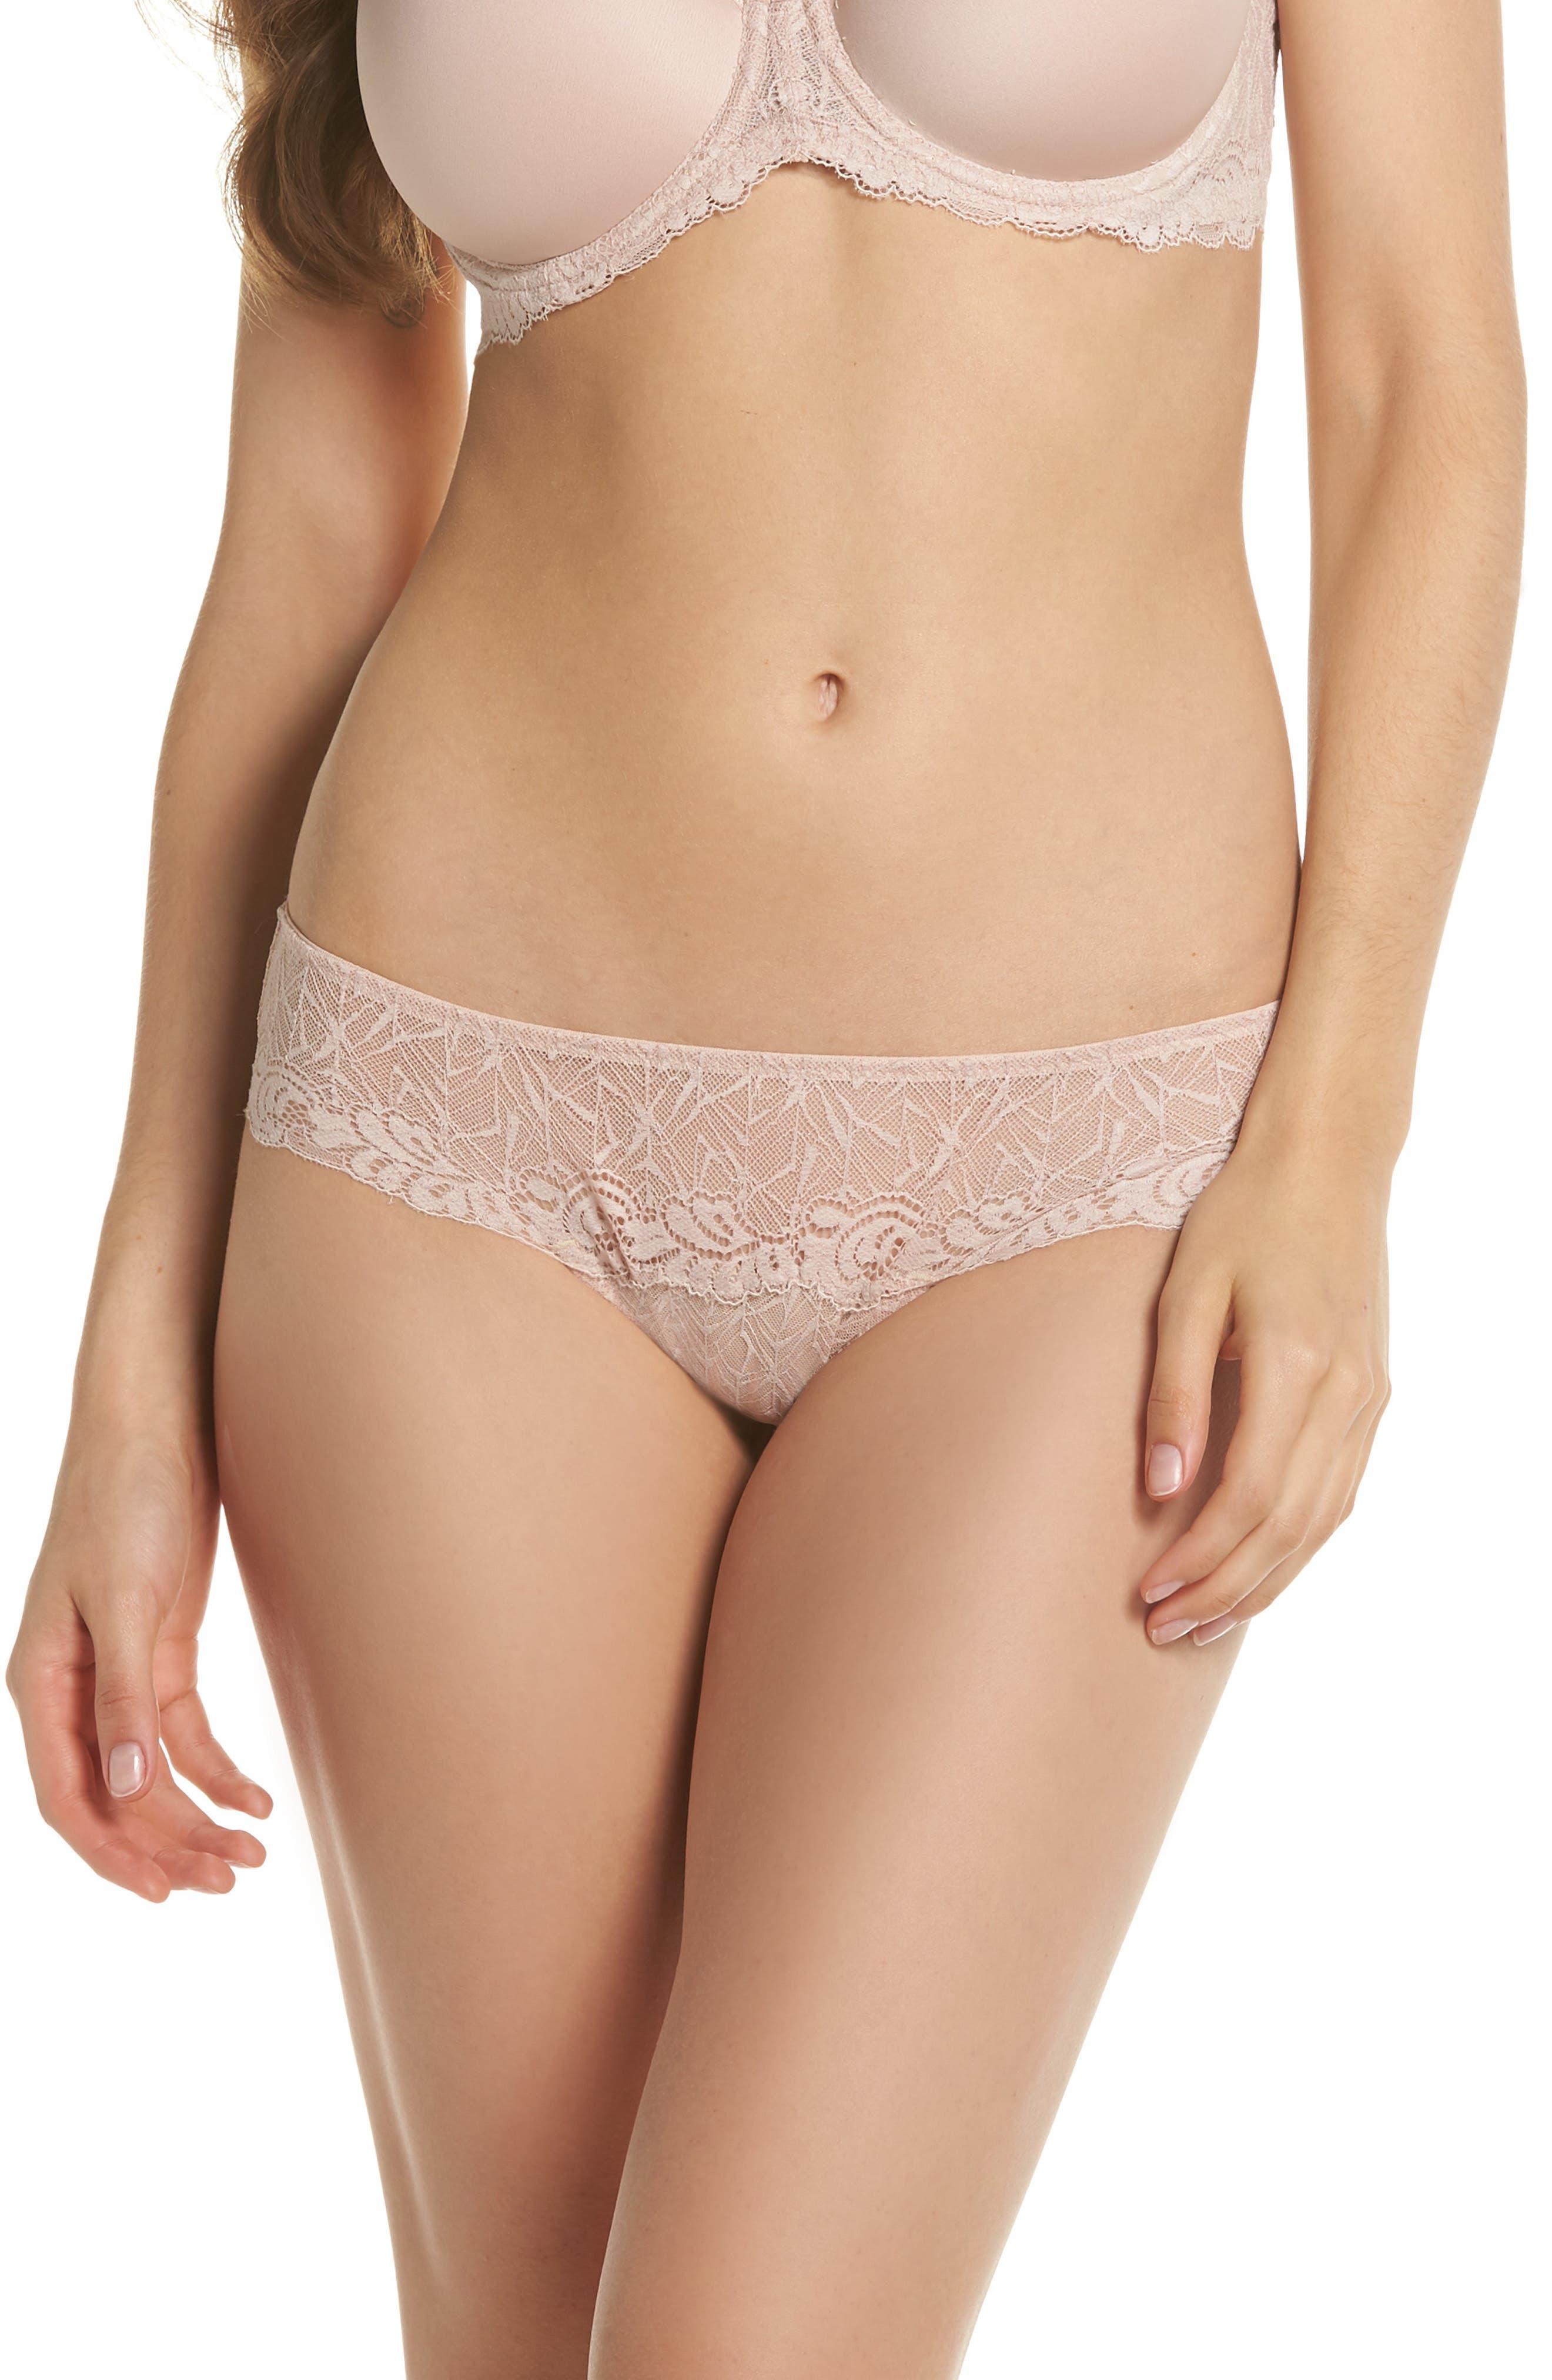 Vivid Encounter Lace Bikini,                             Main thumbnail 1, color,                             Rose Dust